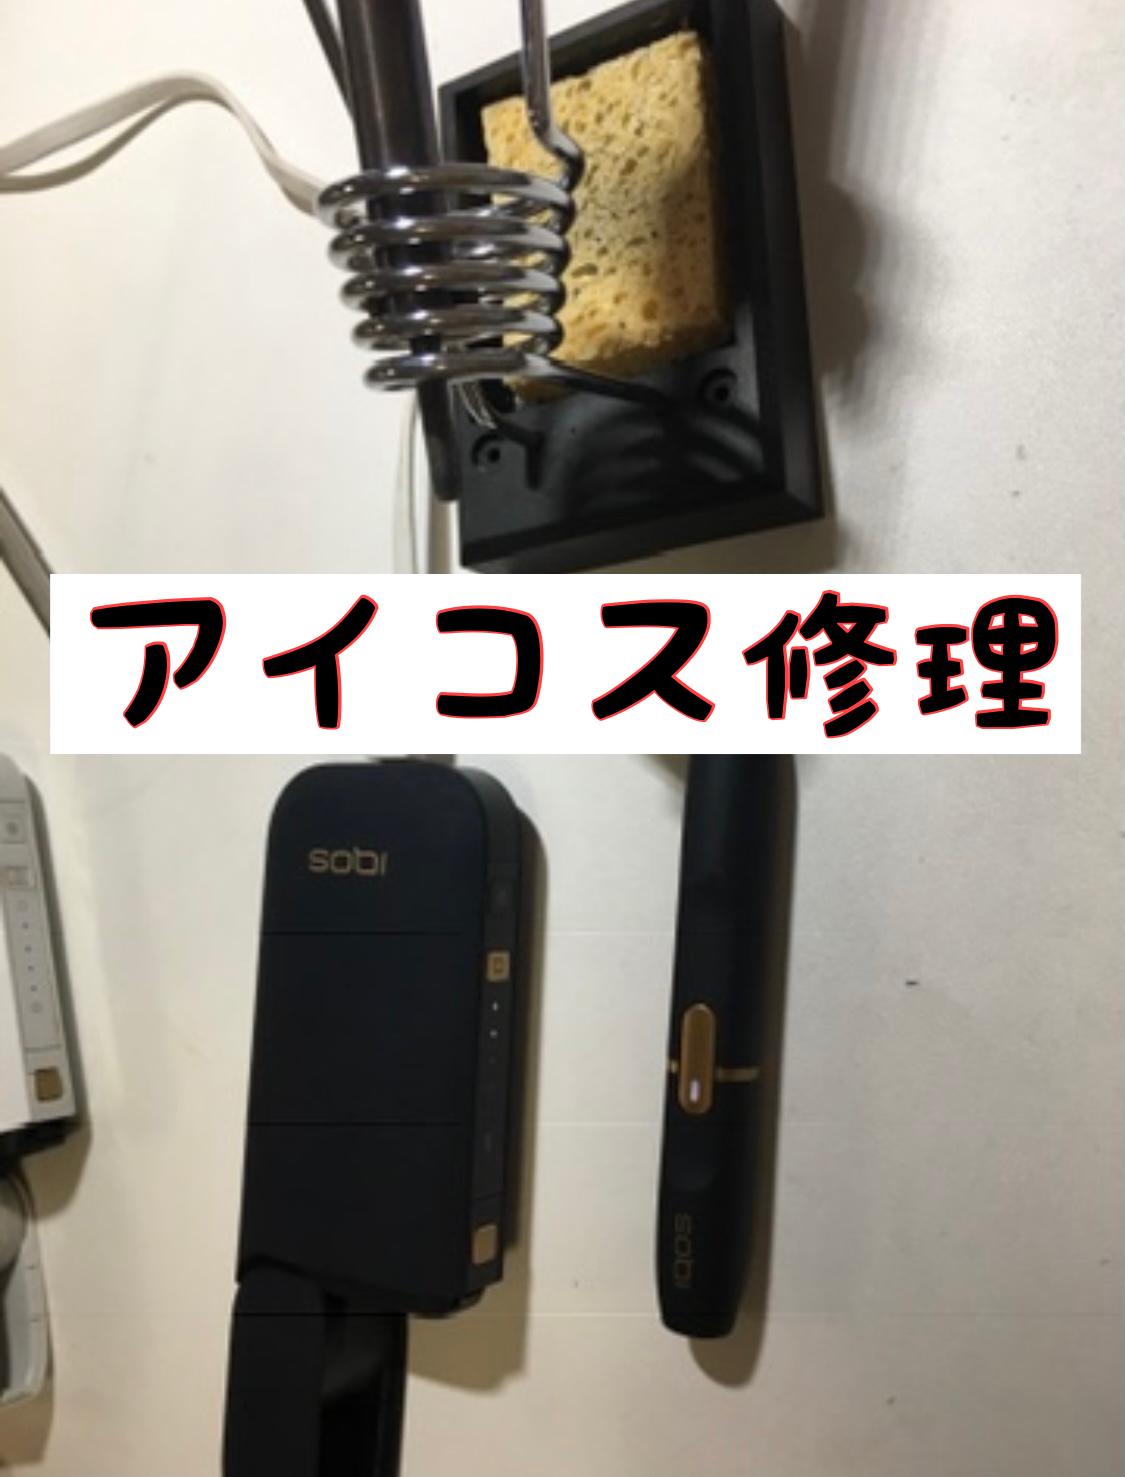 犬山市 犬山 犬山駅 iPhone修理 アイフォン修理